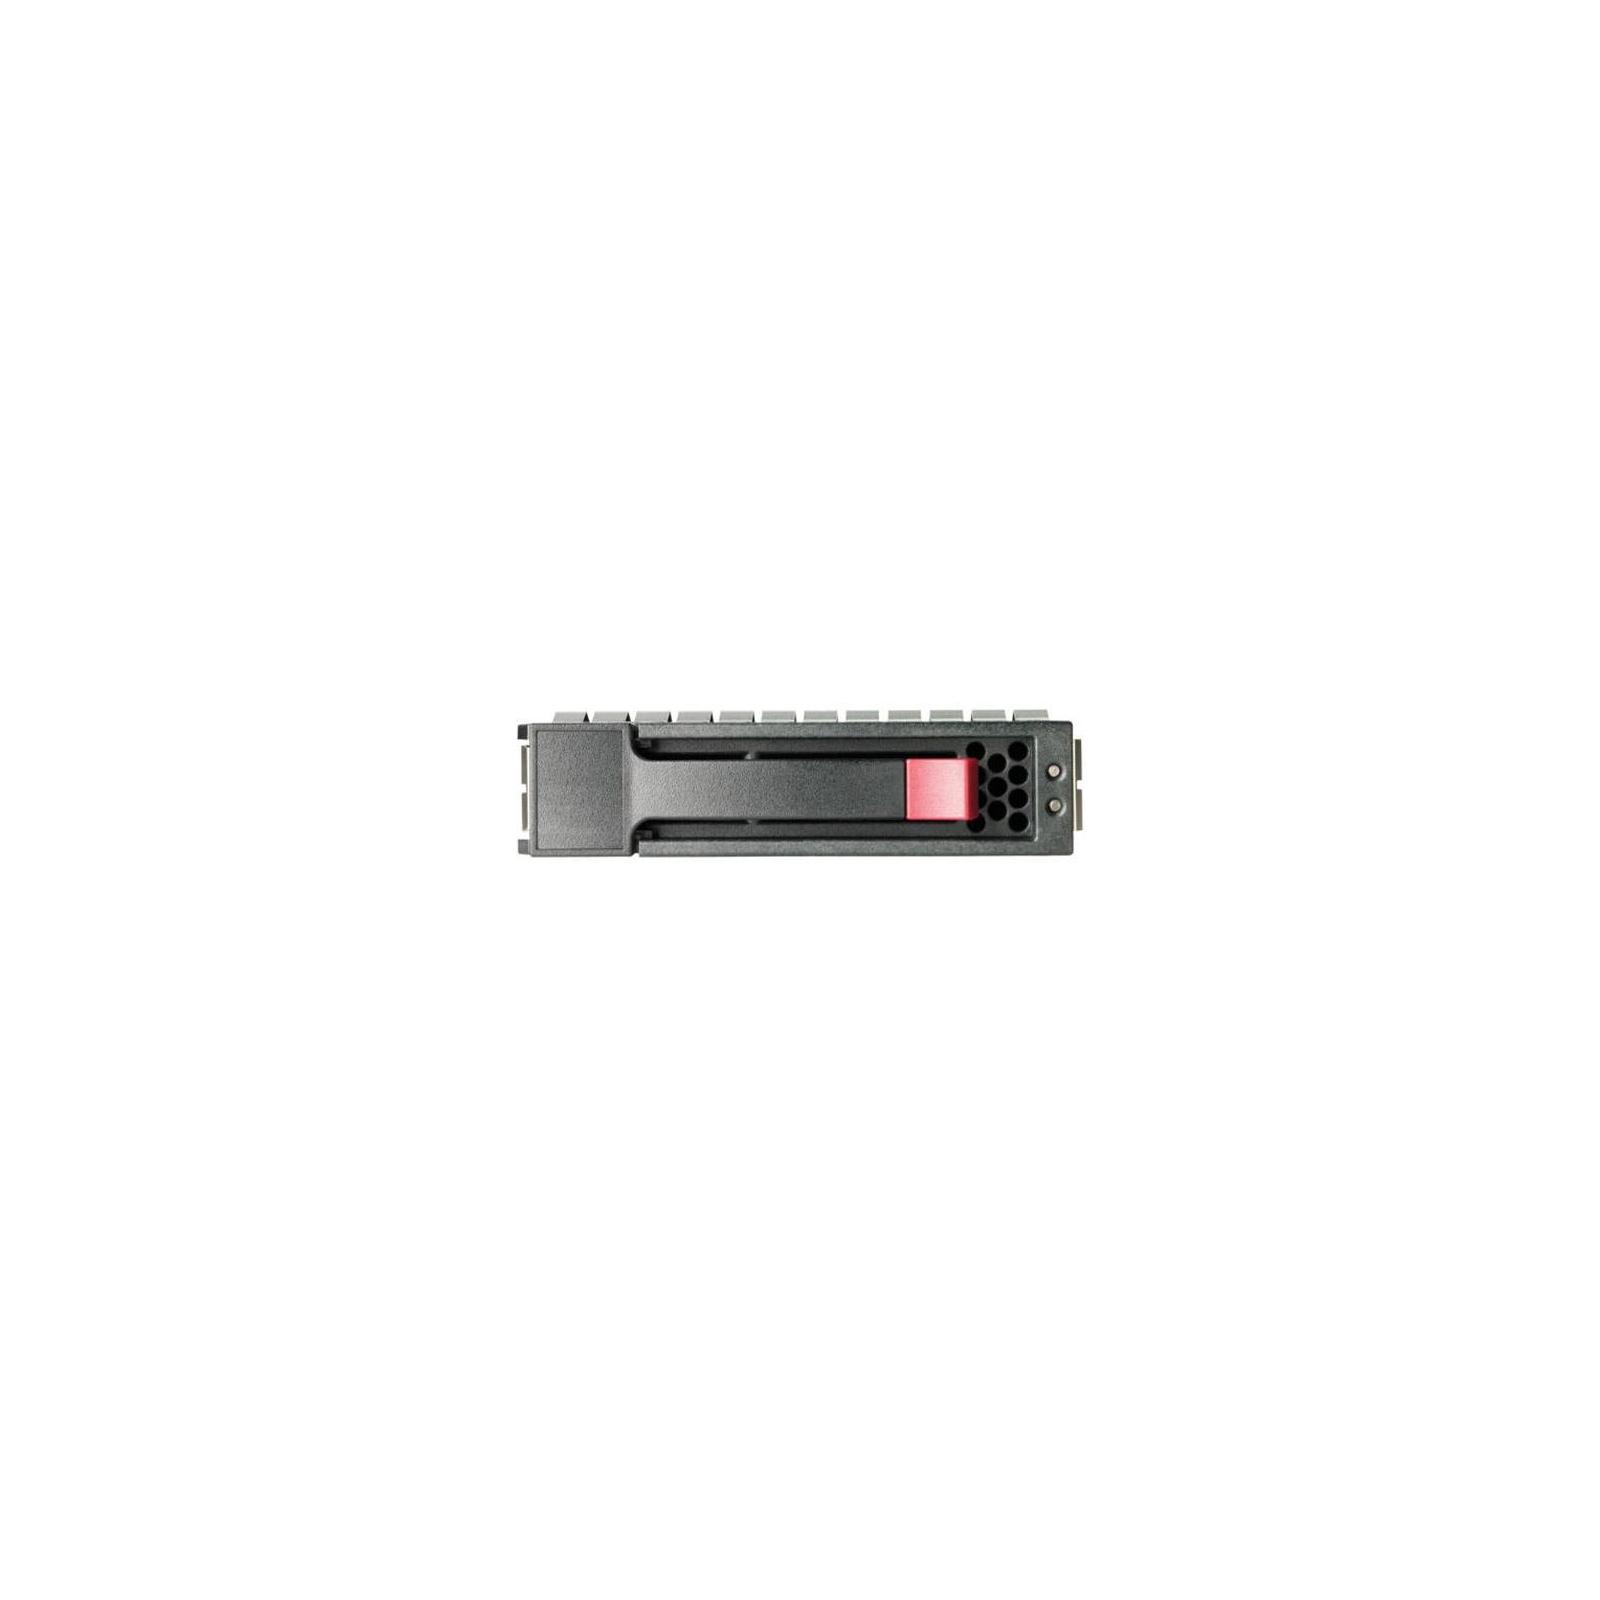 Жесткий диск для сервера HP 600GB (787656-001) изображение 2